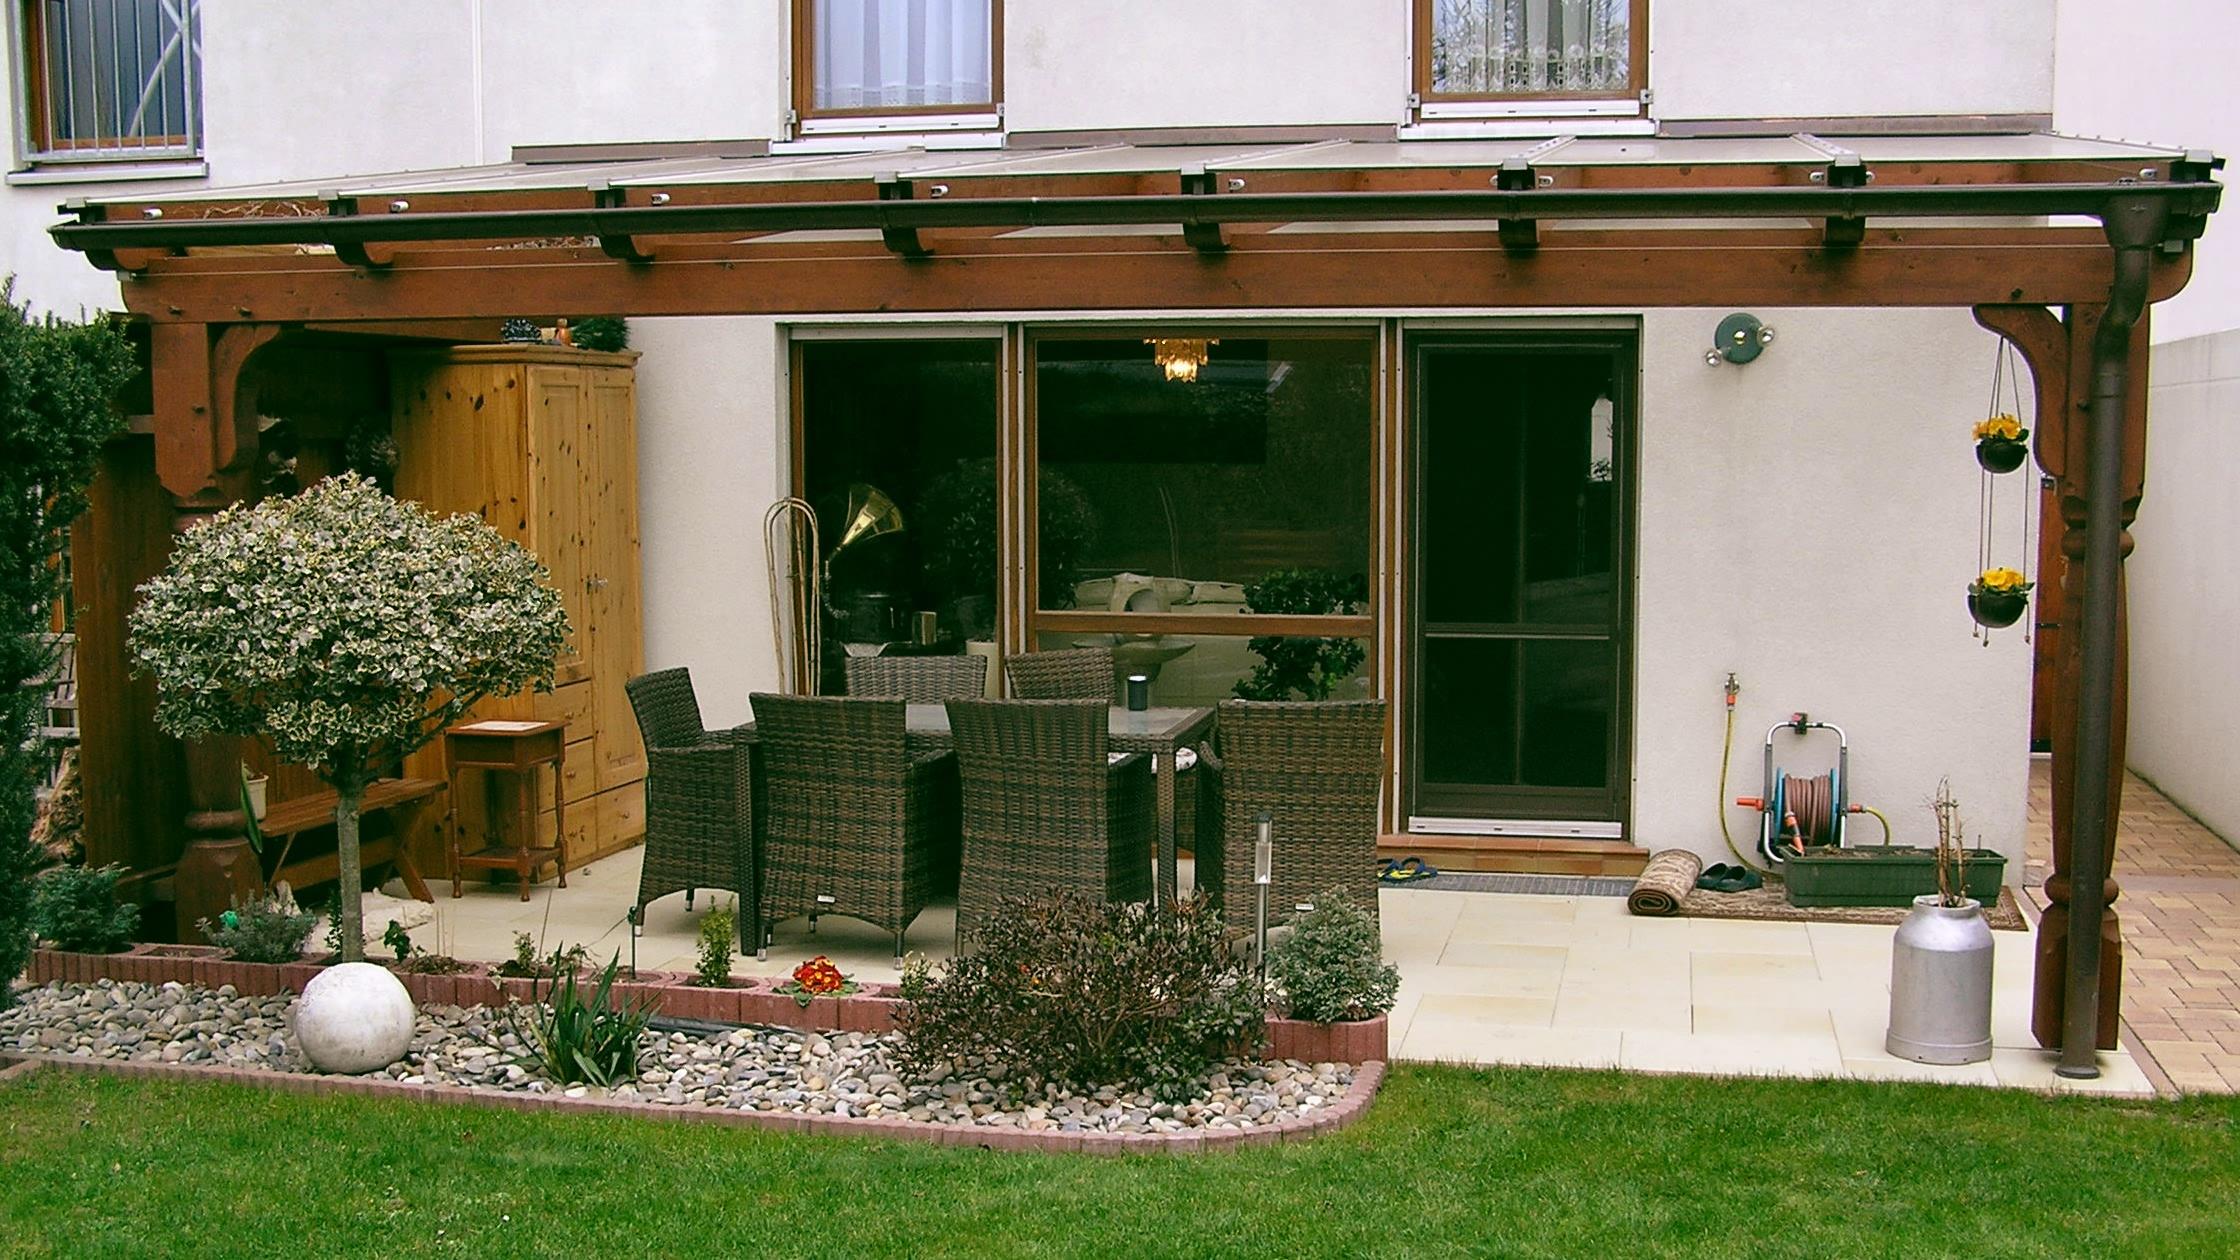 solarterrassen ab 0 aus holz alu oder stahl 30. Black Bedroom Furniture Sets. Home Design Ideas